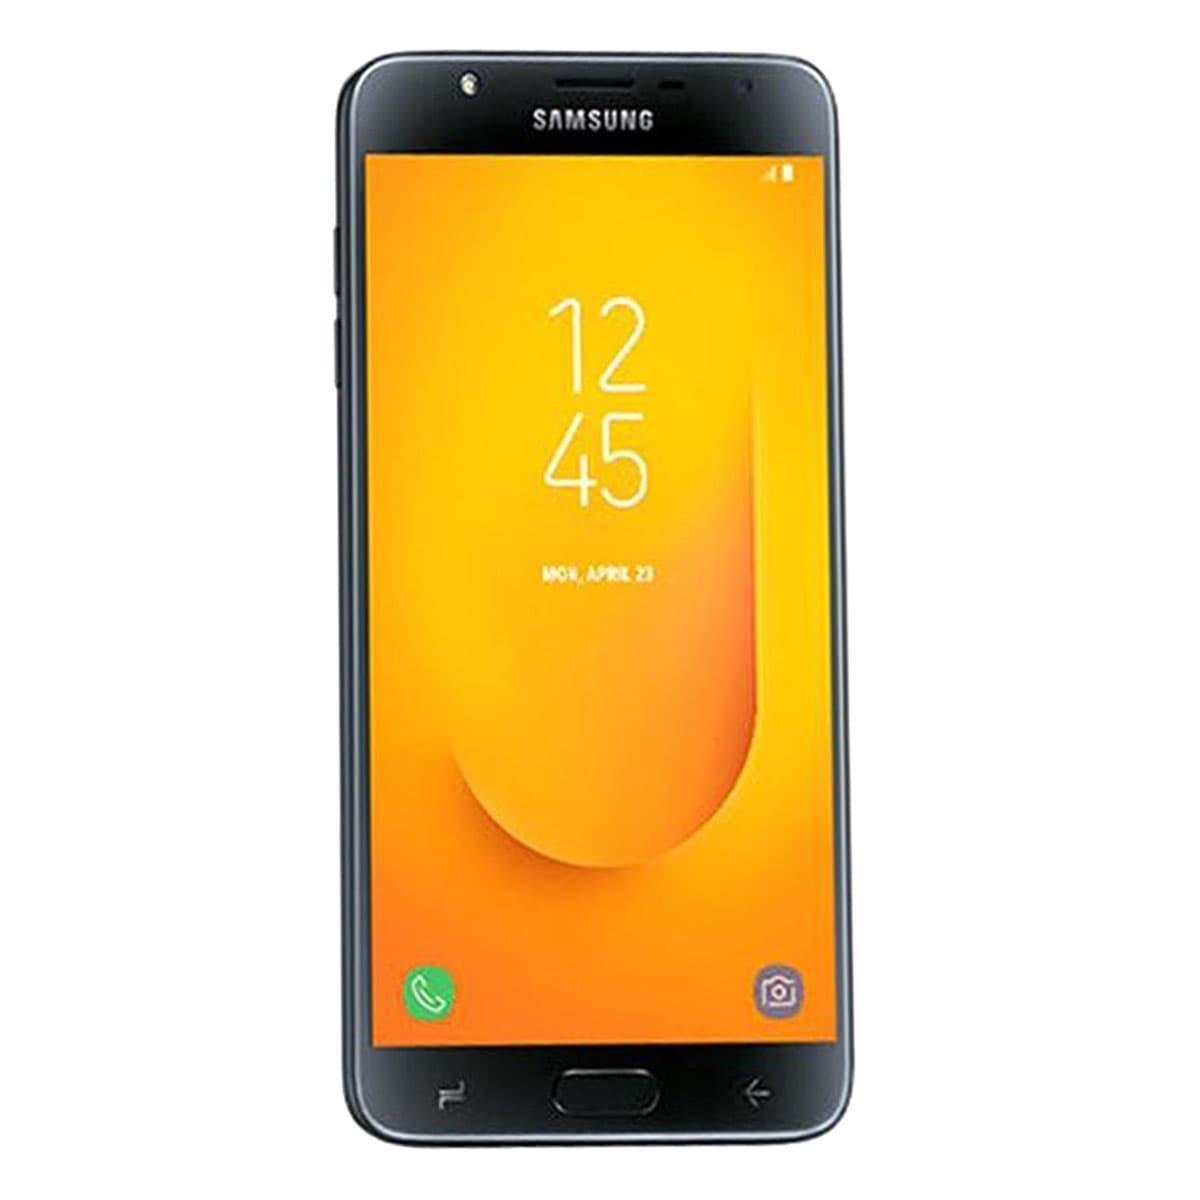 Samsung Galaxy J7 Duo SM-J720F - Smartphone - 4GB RAM - 32GB ROM - 13MP  Camera - Black